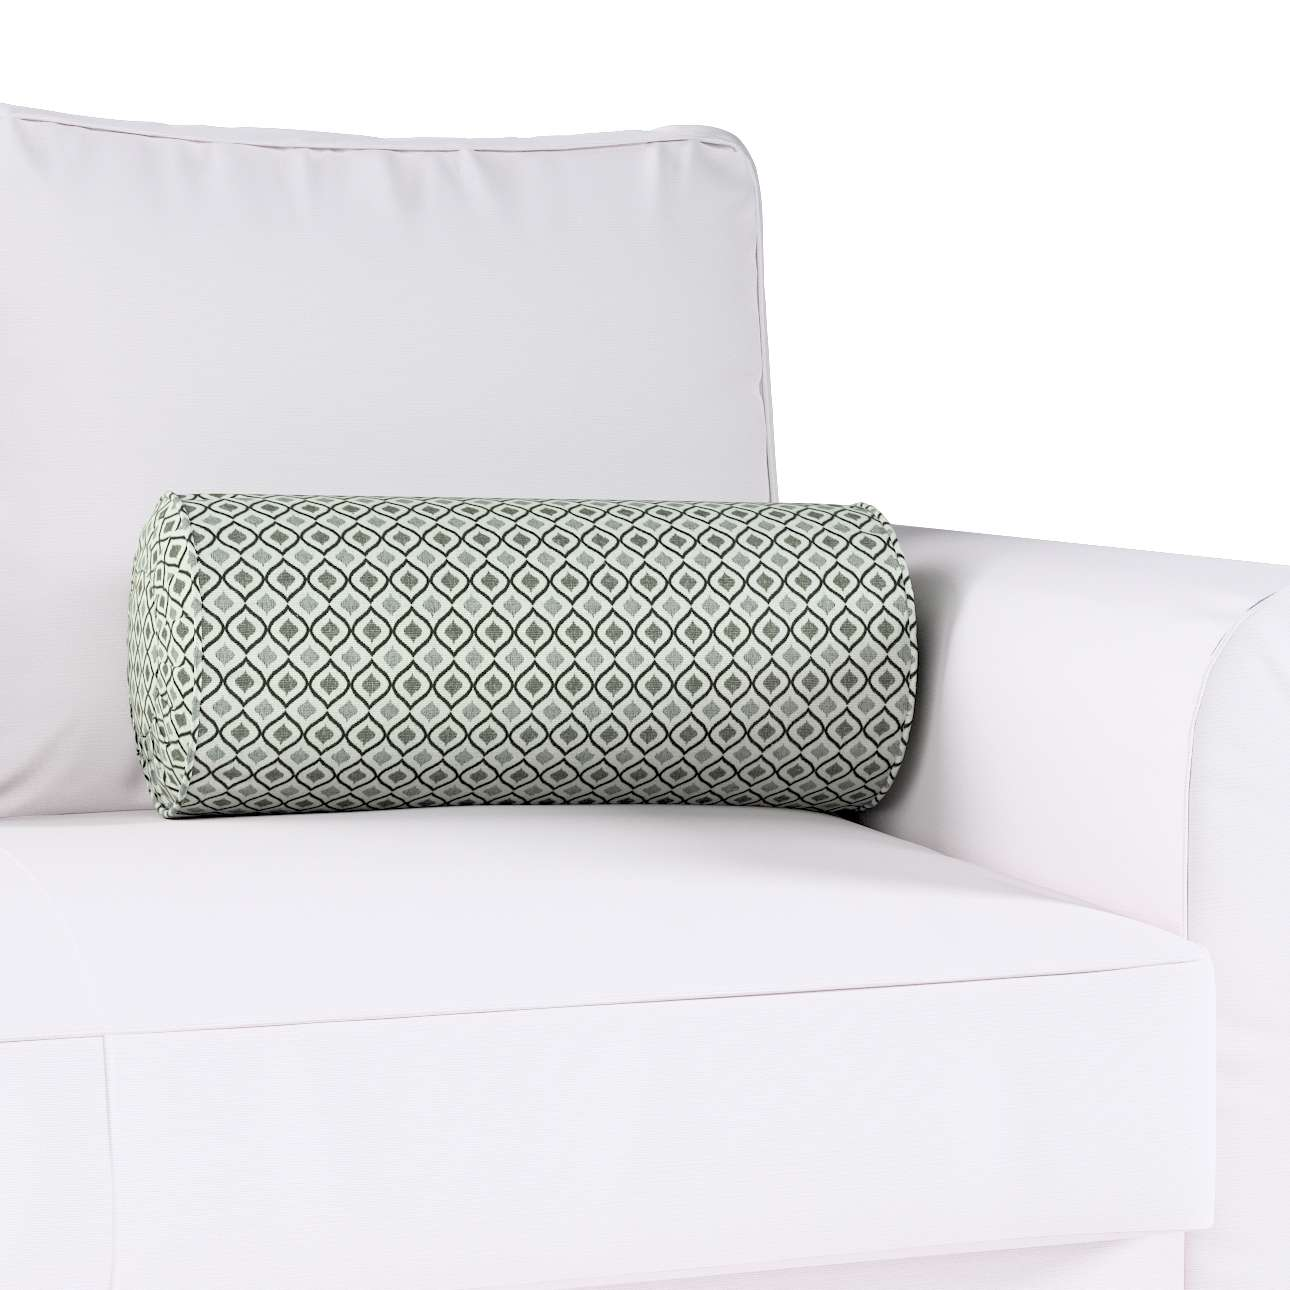 Poduszka wałek z zakładkami w kolekcji Black & White, tkanina: 142-76